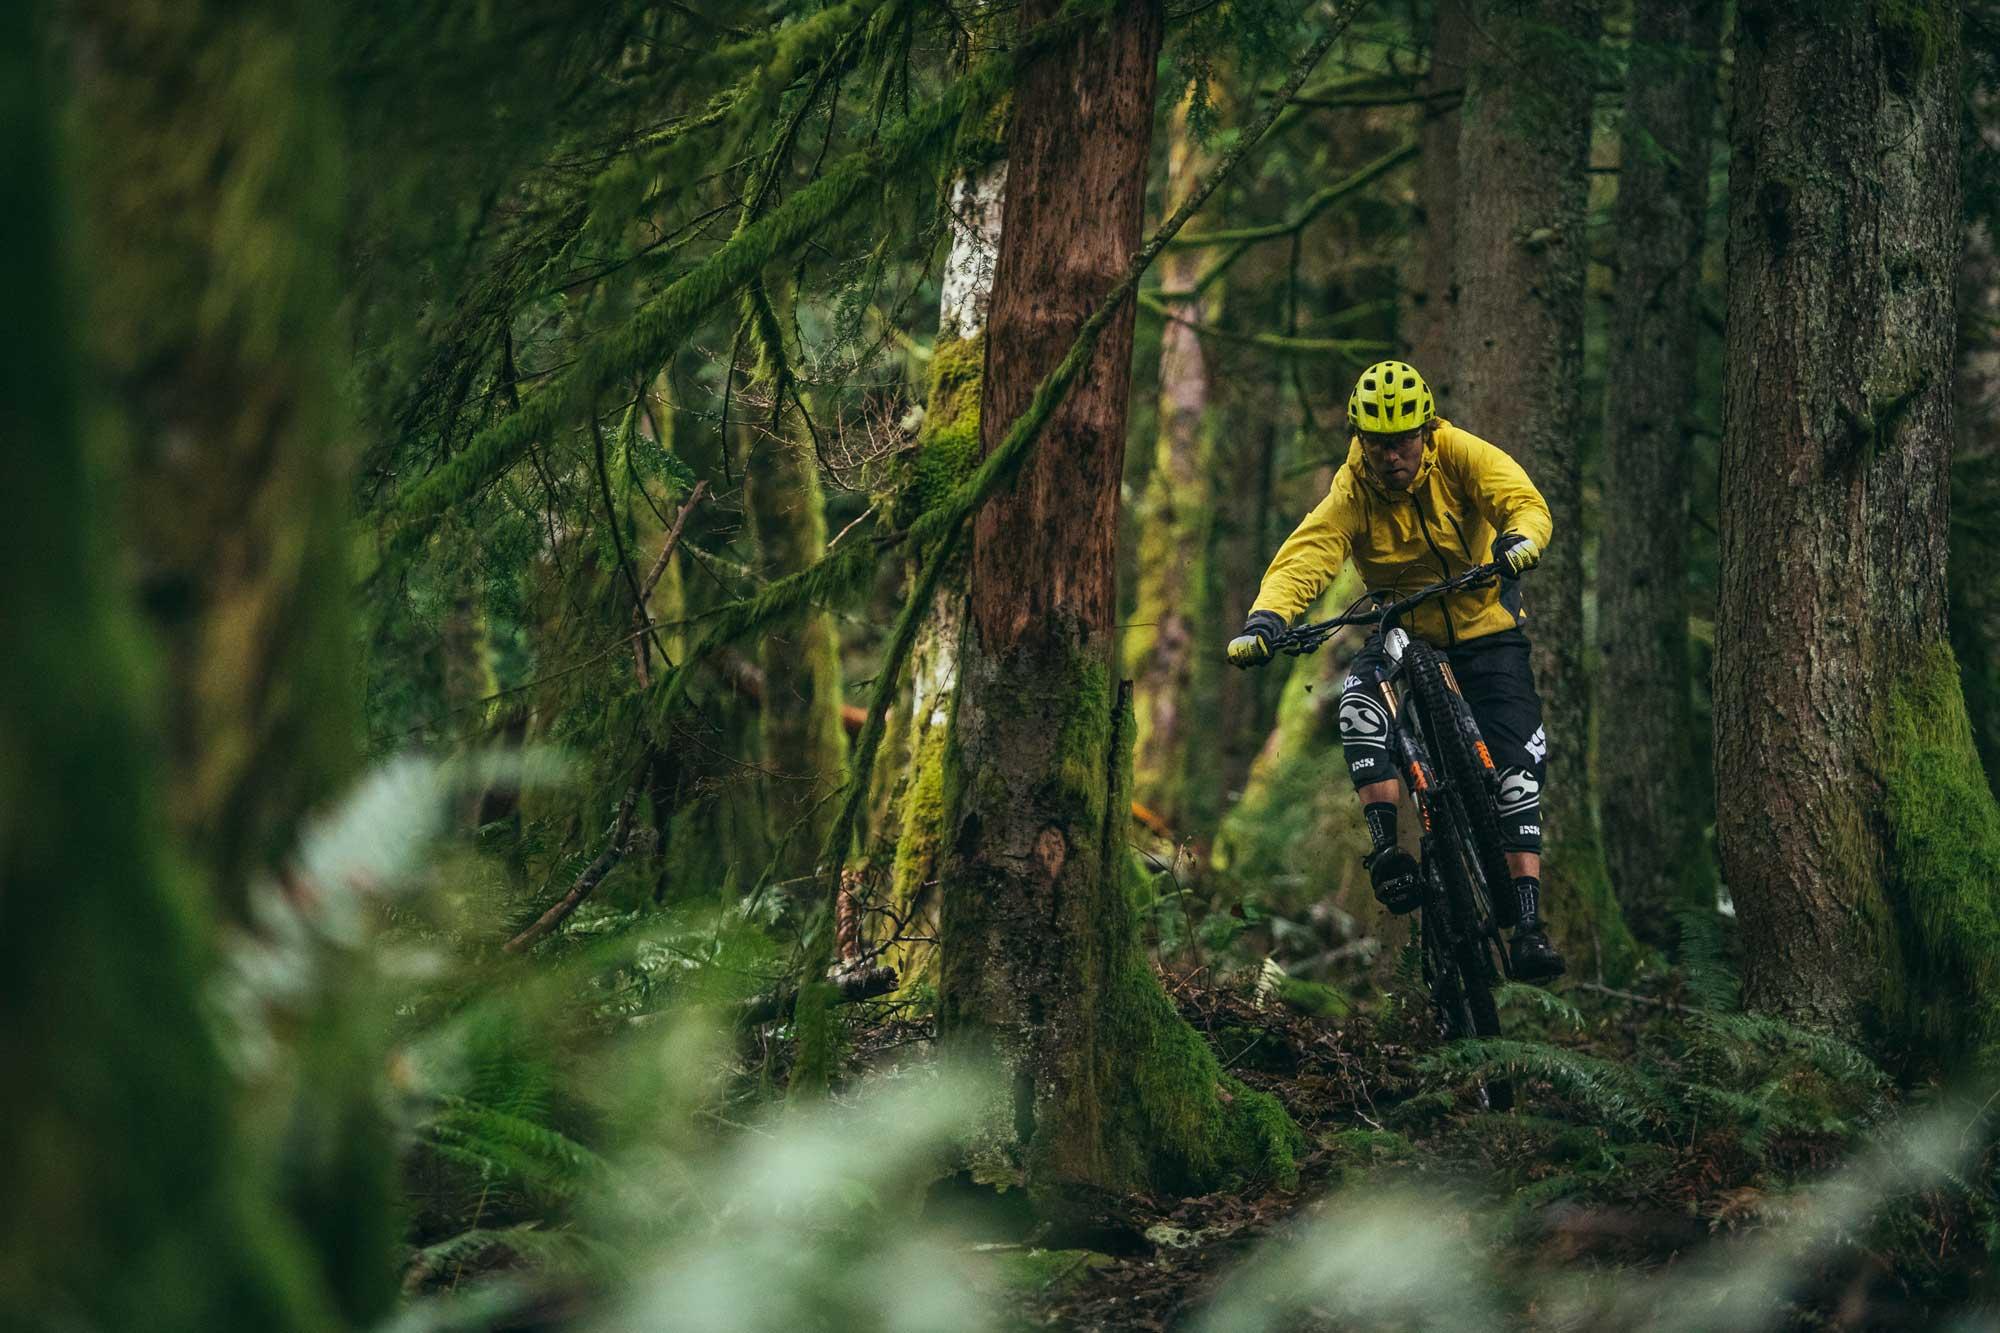 gully_bike.jpg